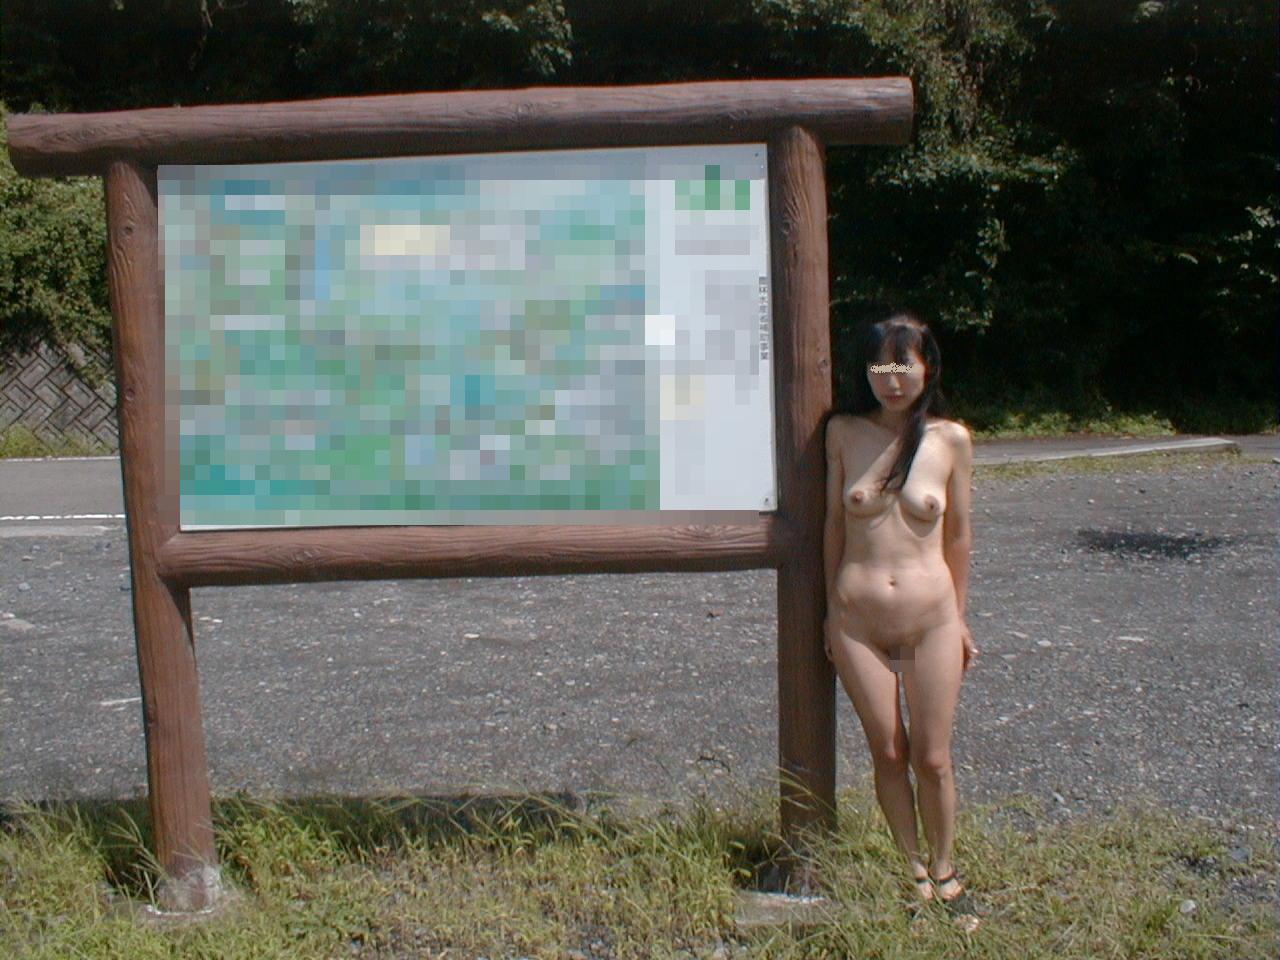 【露出エロ画像】最初は乳首1つ出したっきりだったのに…場数踏んで全裸も余裕な野外露出マニア達www 03